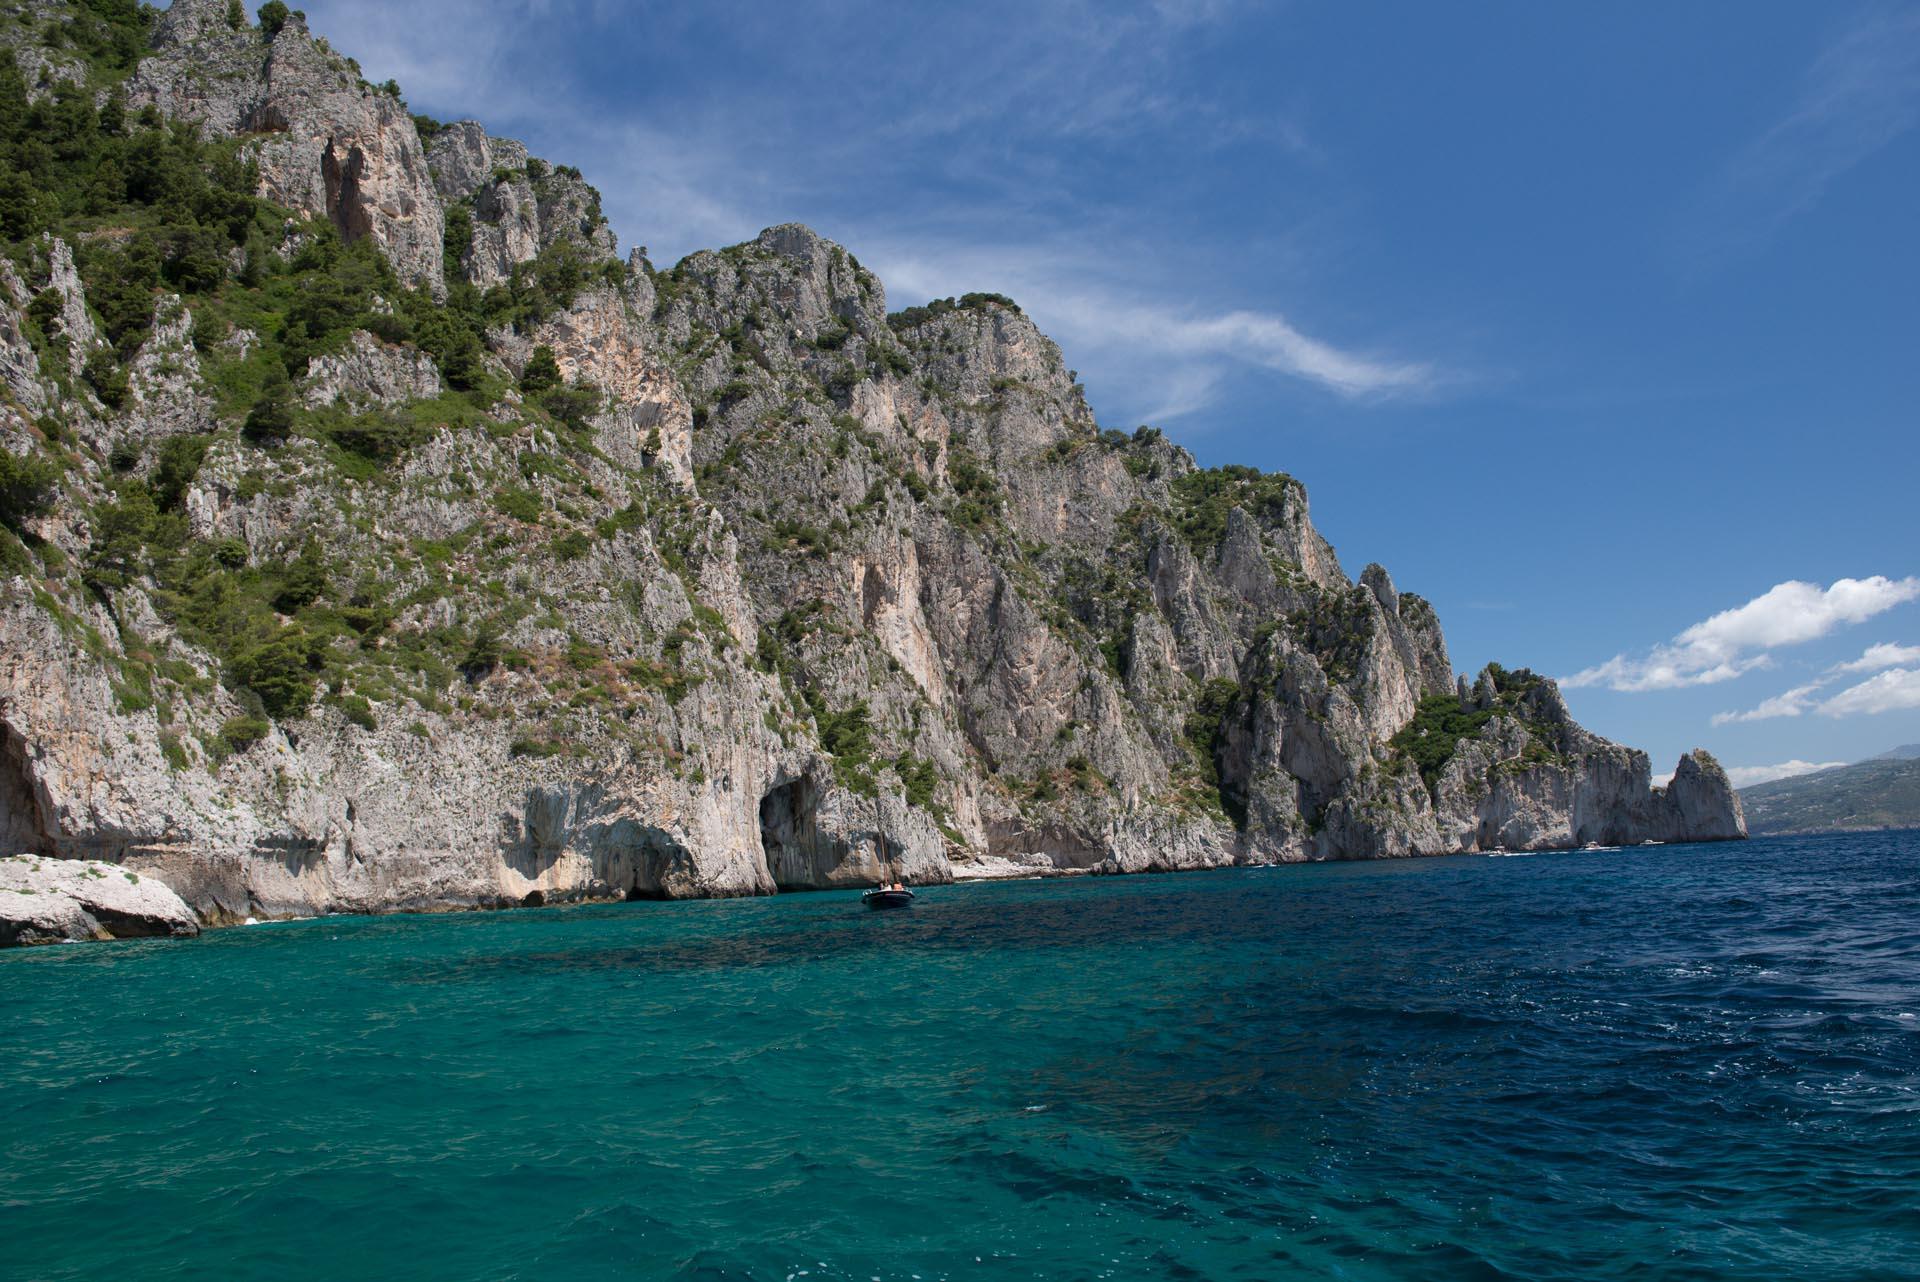 İtalyanın ünlü adaları